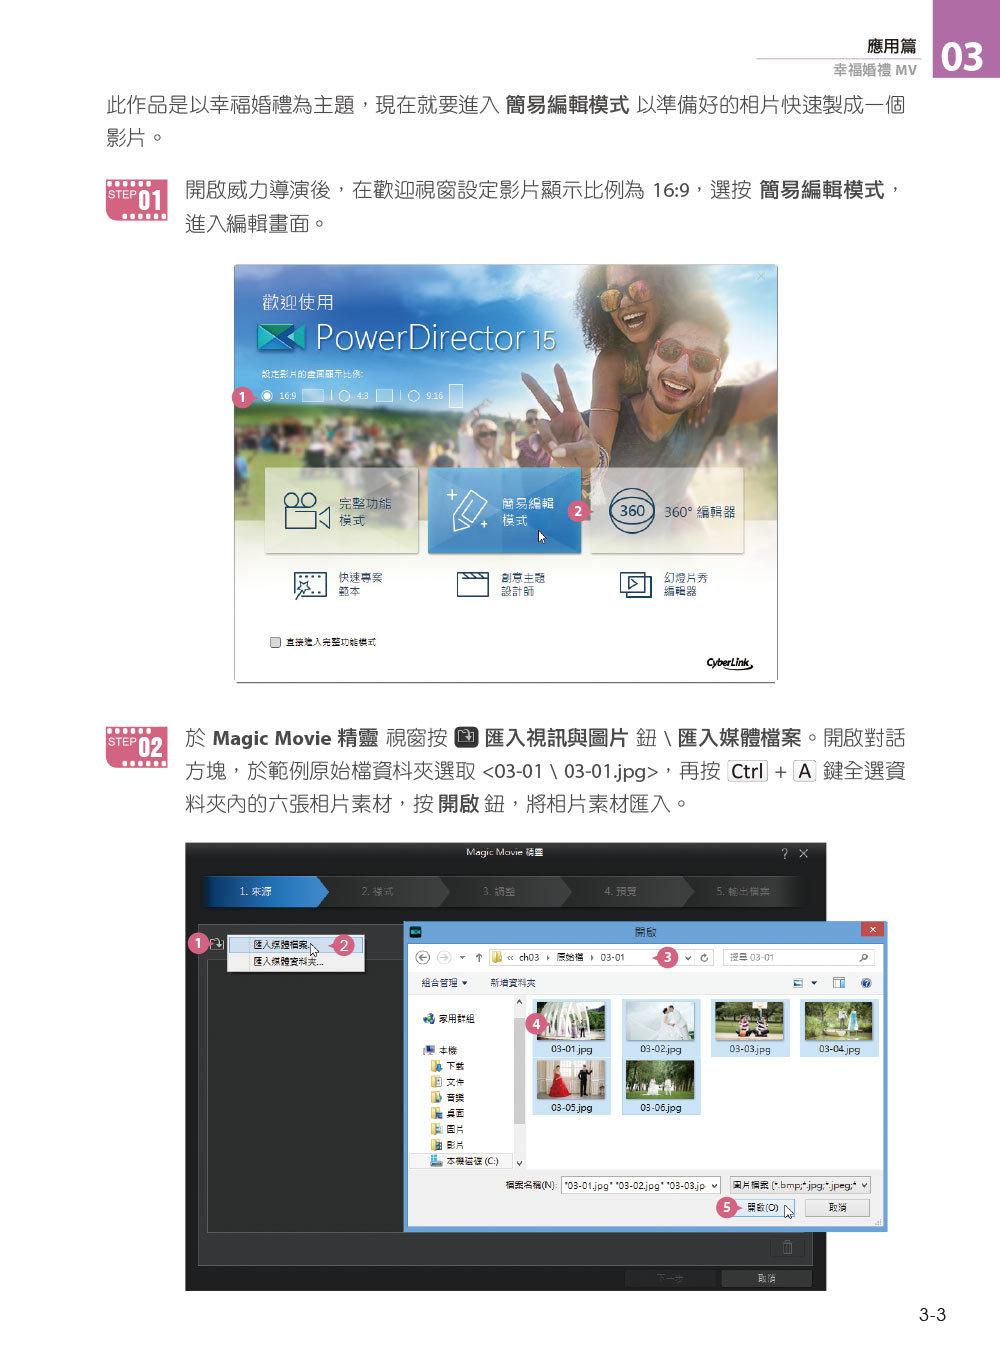 快快樂樂學威力導演15 - 影片/MV剪輯活用情報特蒐-preview-2